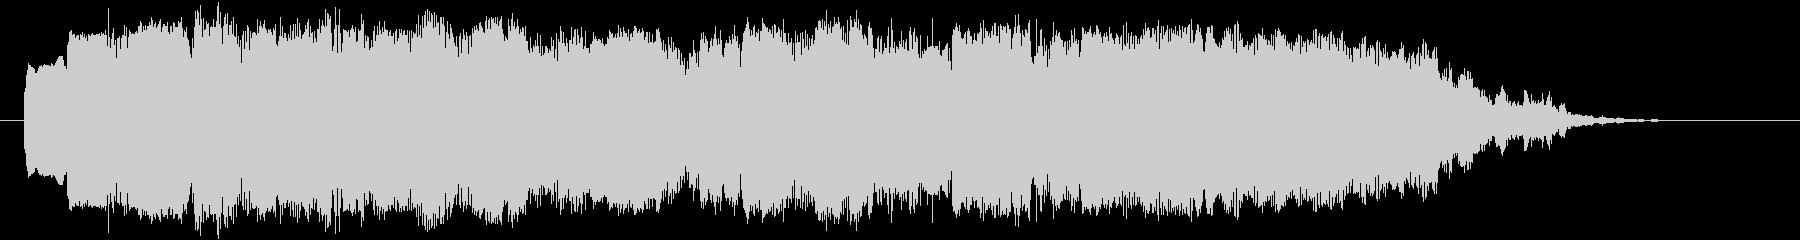 二胡(中国の民族楽器)を使用したロゴの未再生の波形